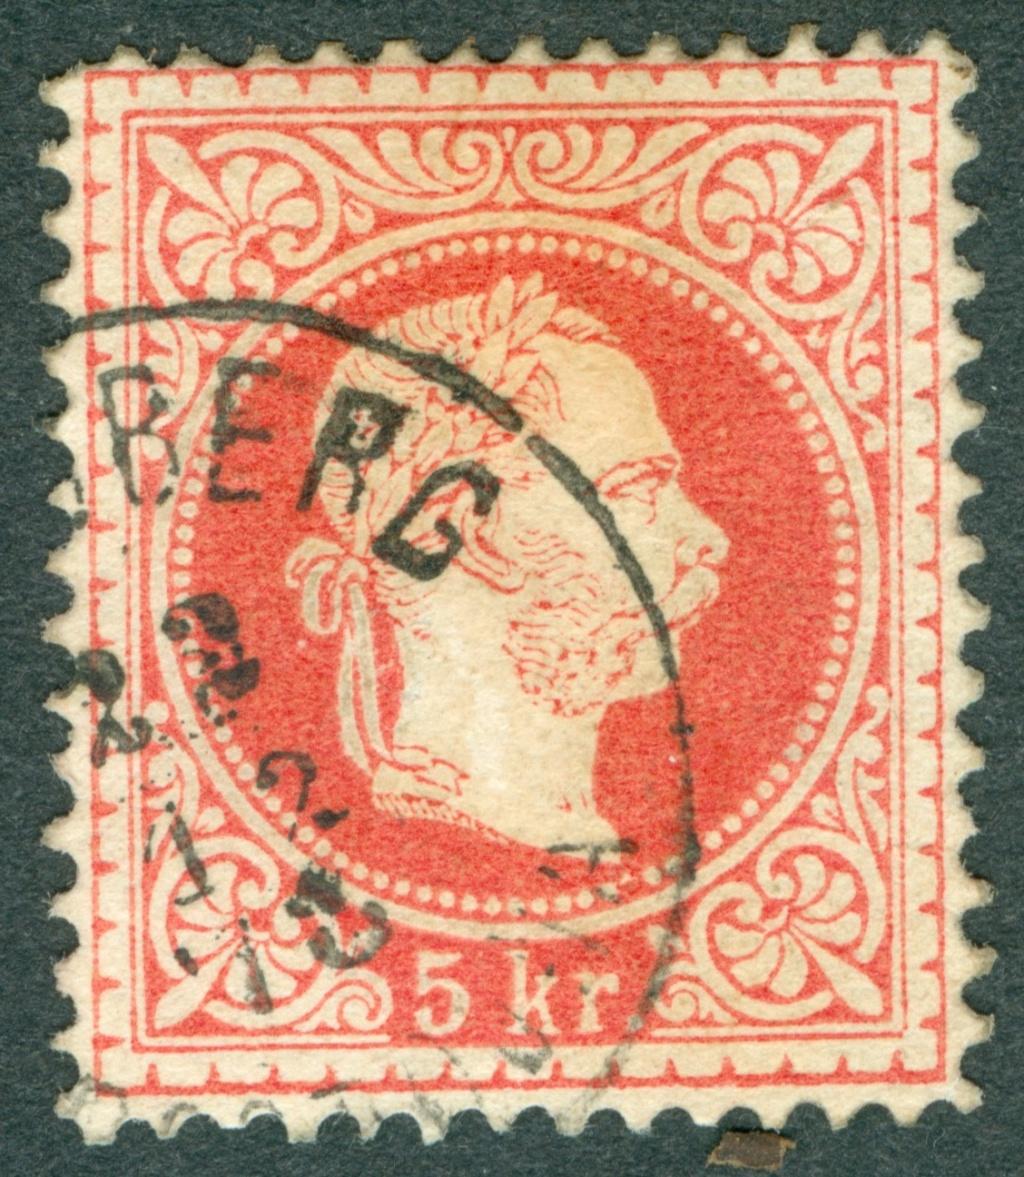 Freimarken-Ausgabe 1867 : Kopfbildnis Kaiser Franz Joseph I - Seite 20 1867_510